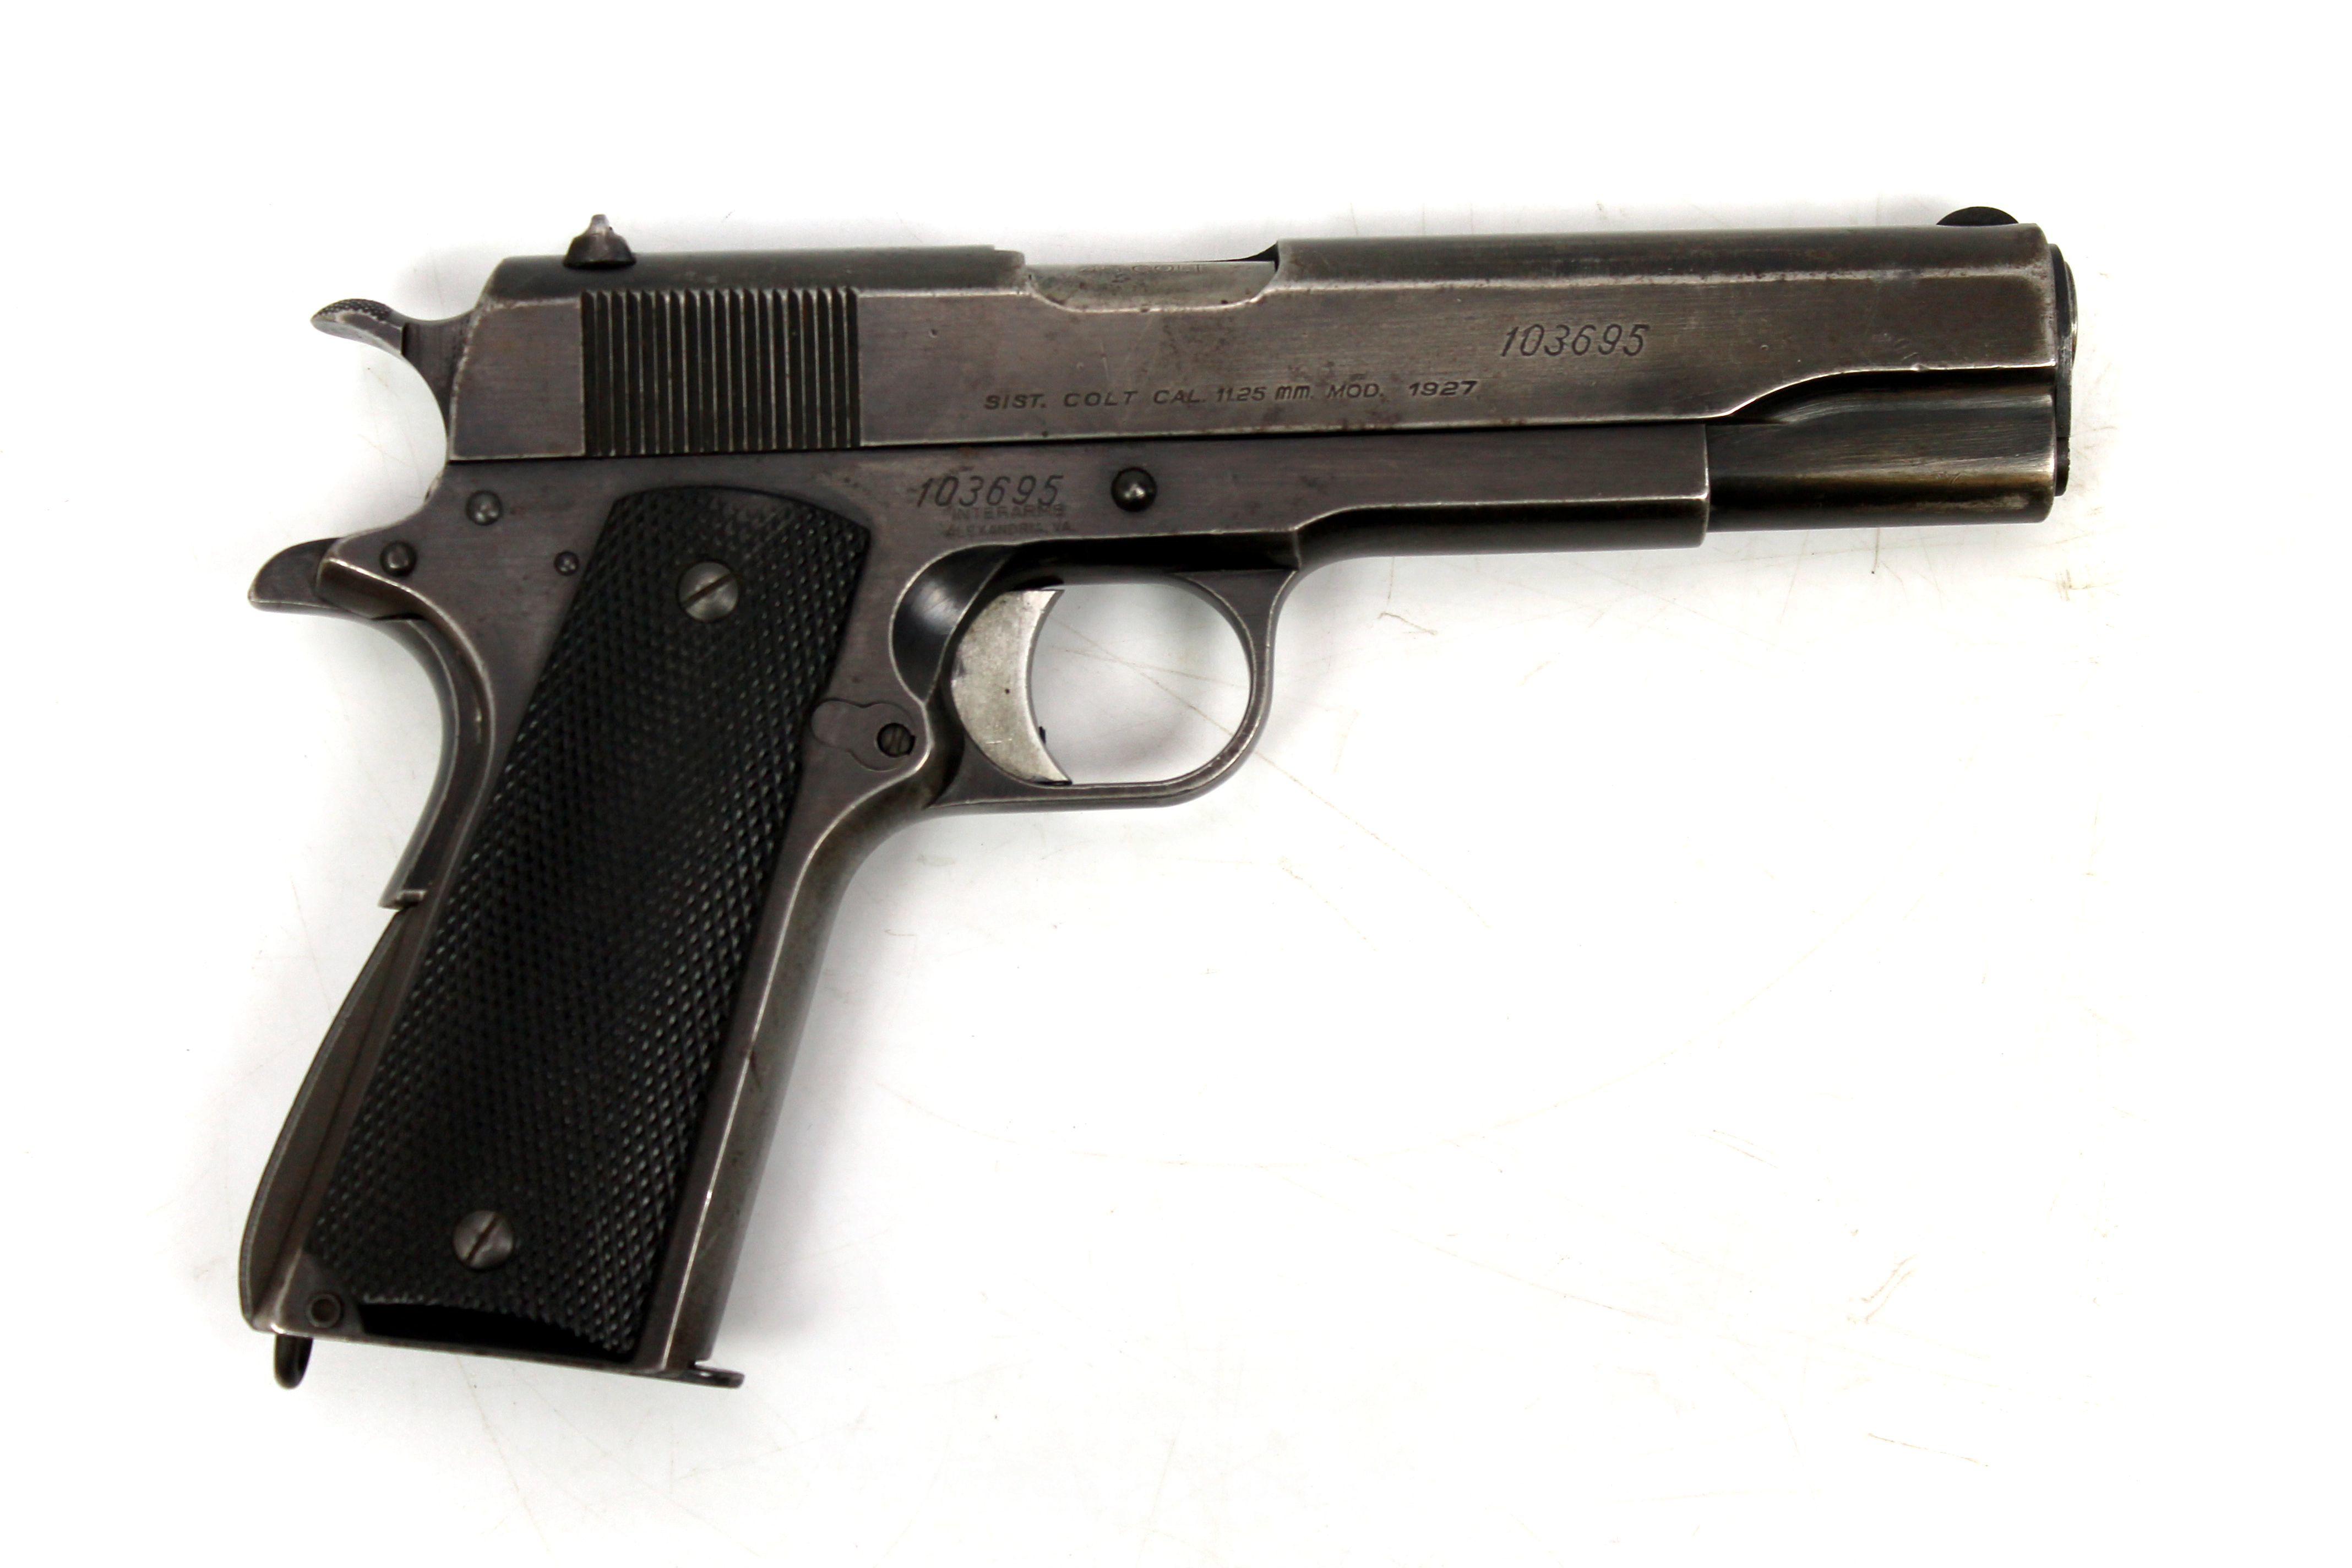 1959 D.G.F.M. Sistema Colt Model 1927 11.25mm/.45 ACP Semi-Automatic Pistol